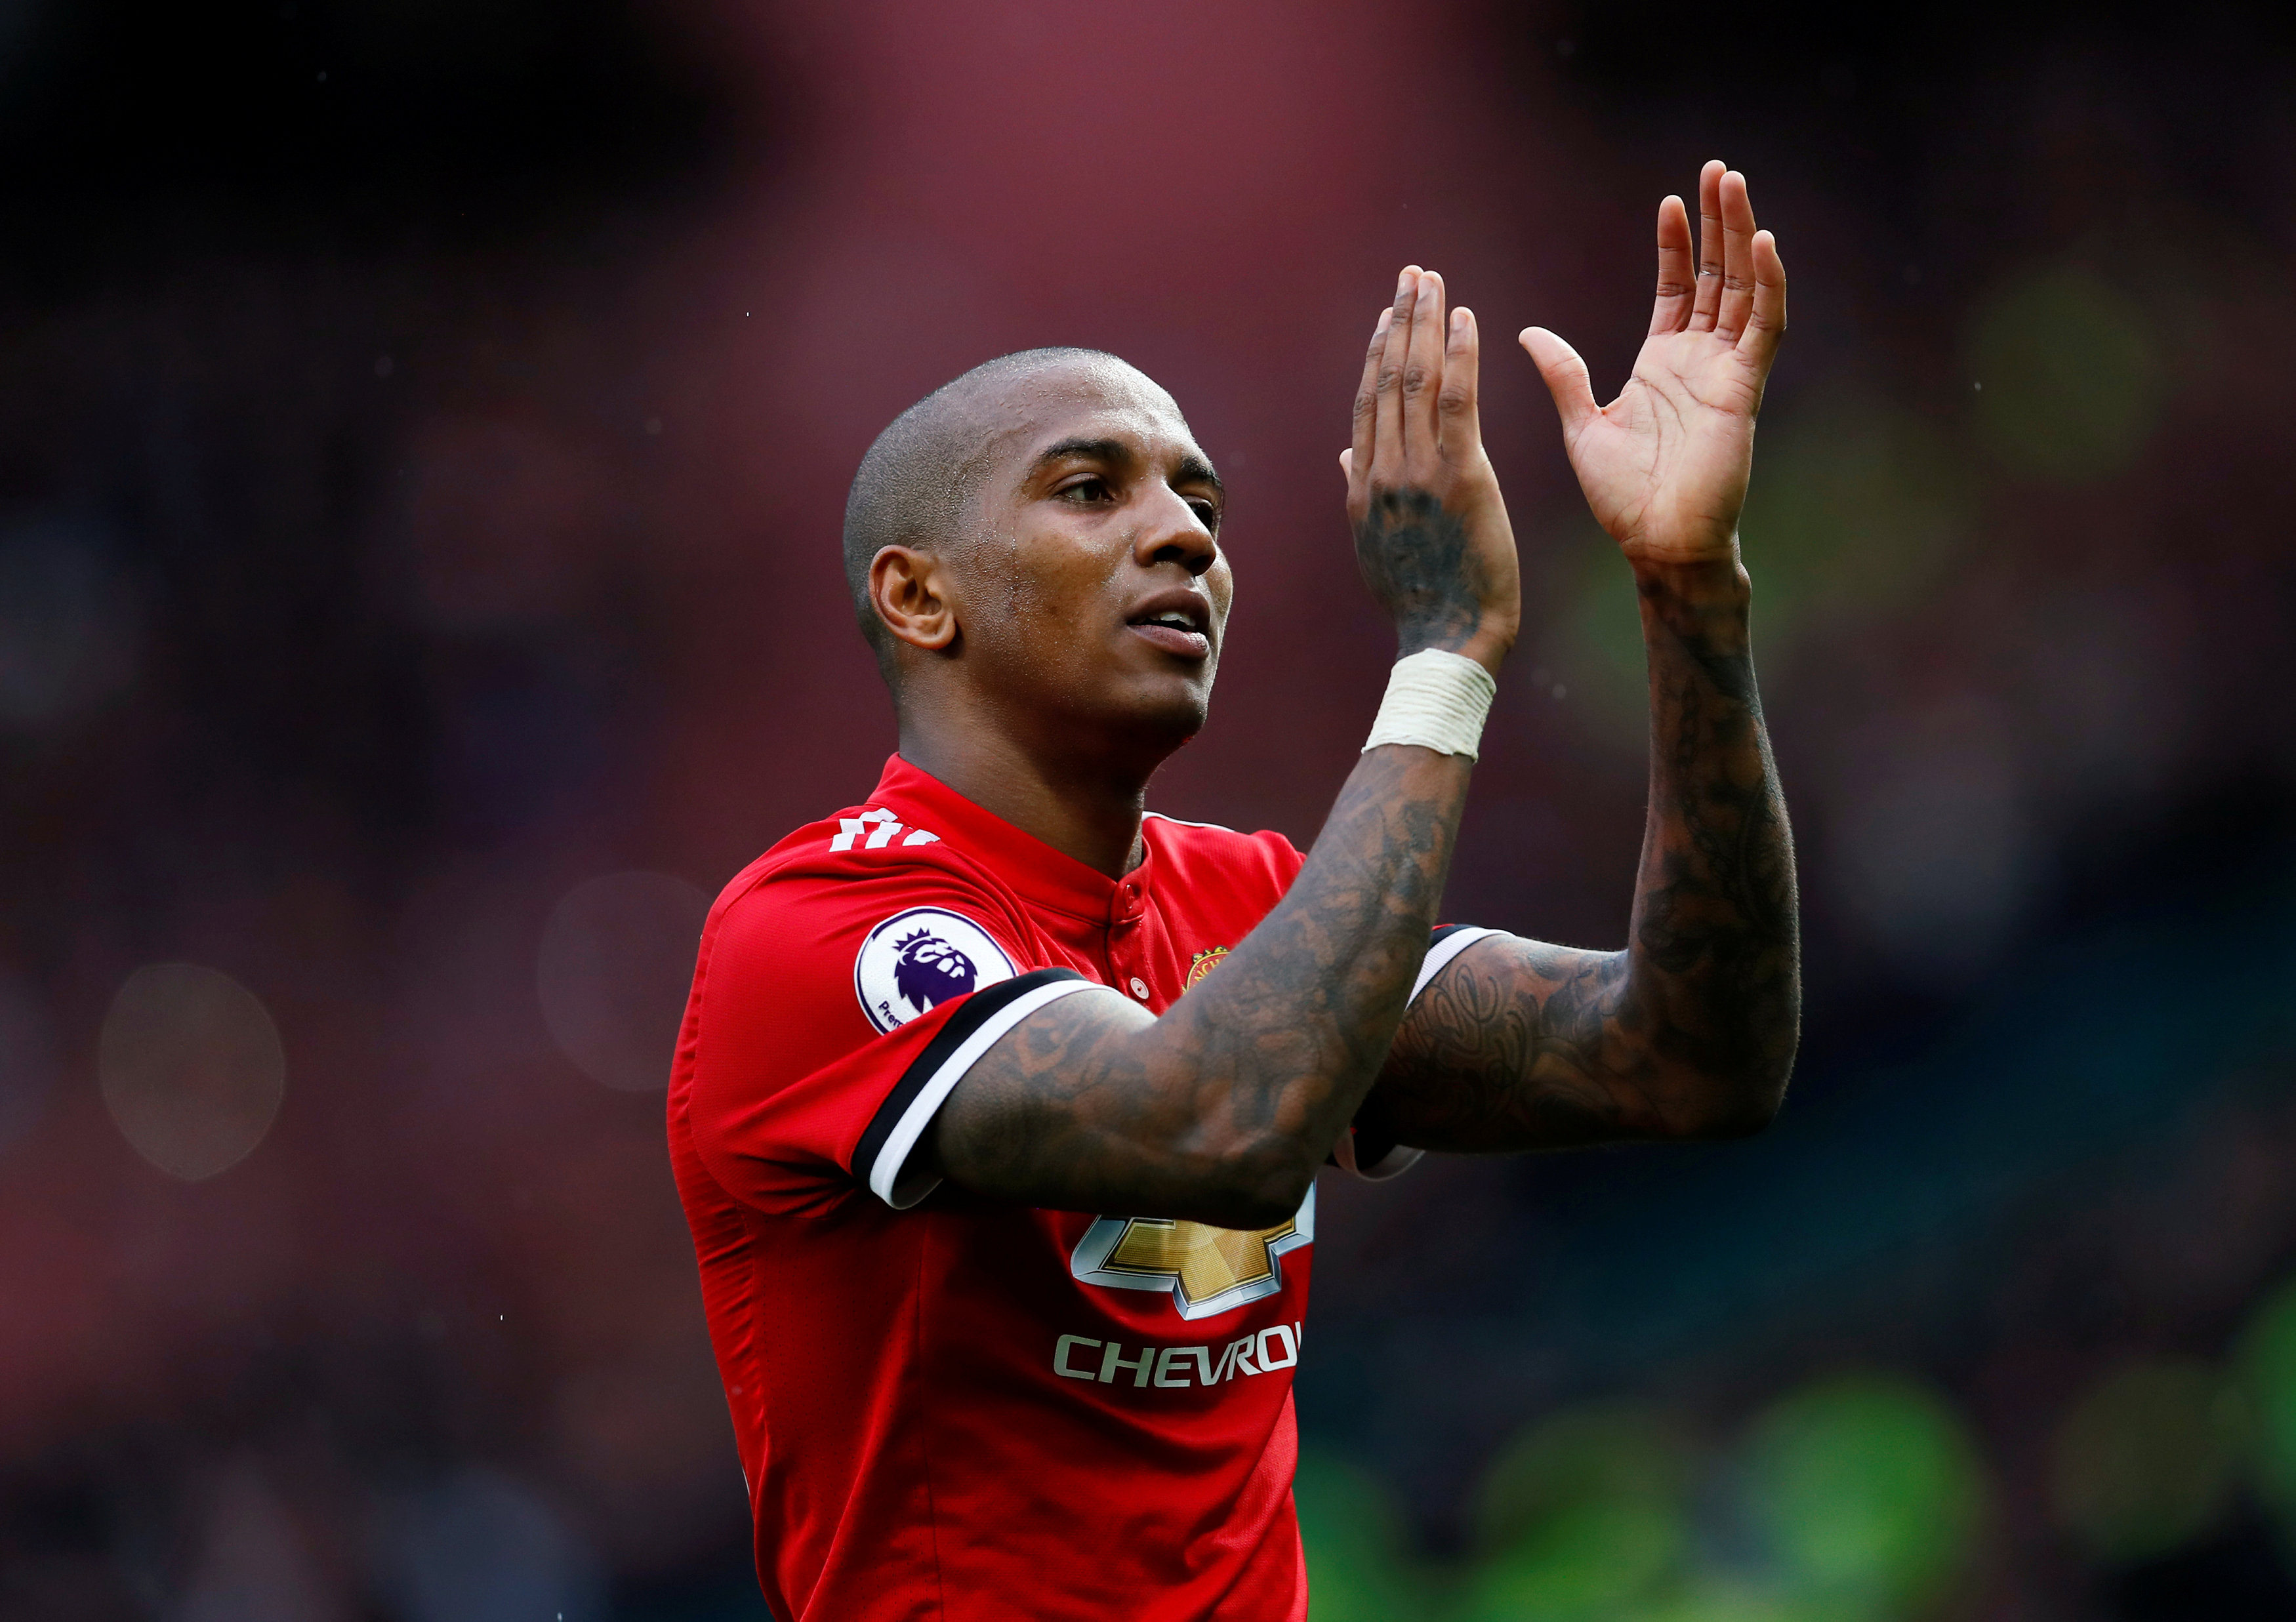 Young đã được M.U gia hạn hợp đồng đến năm 2019. Ảnh: REUTERS